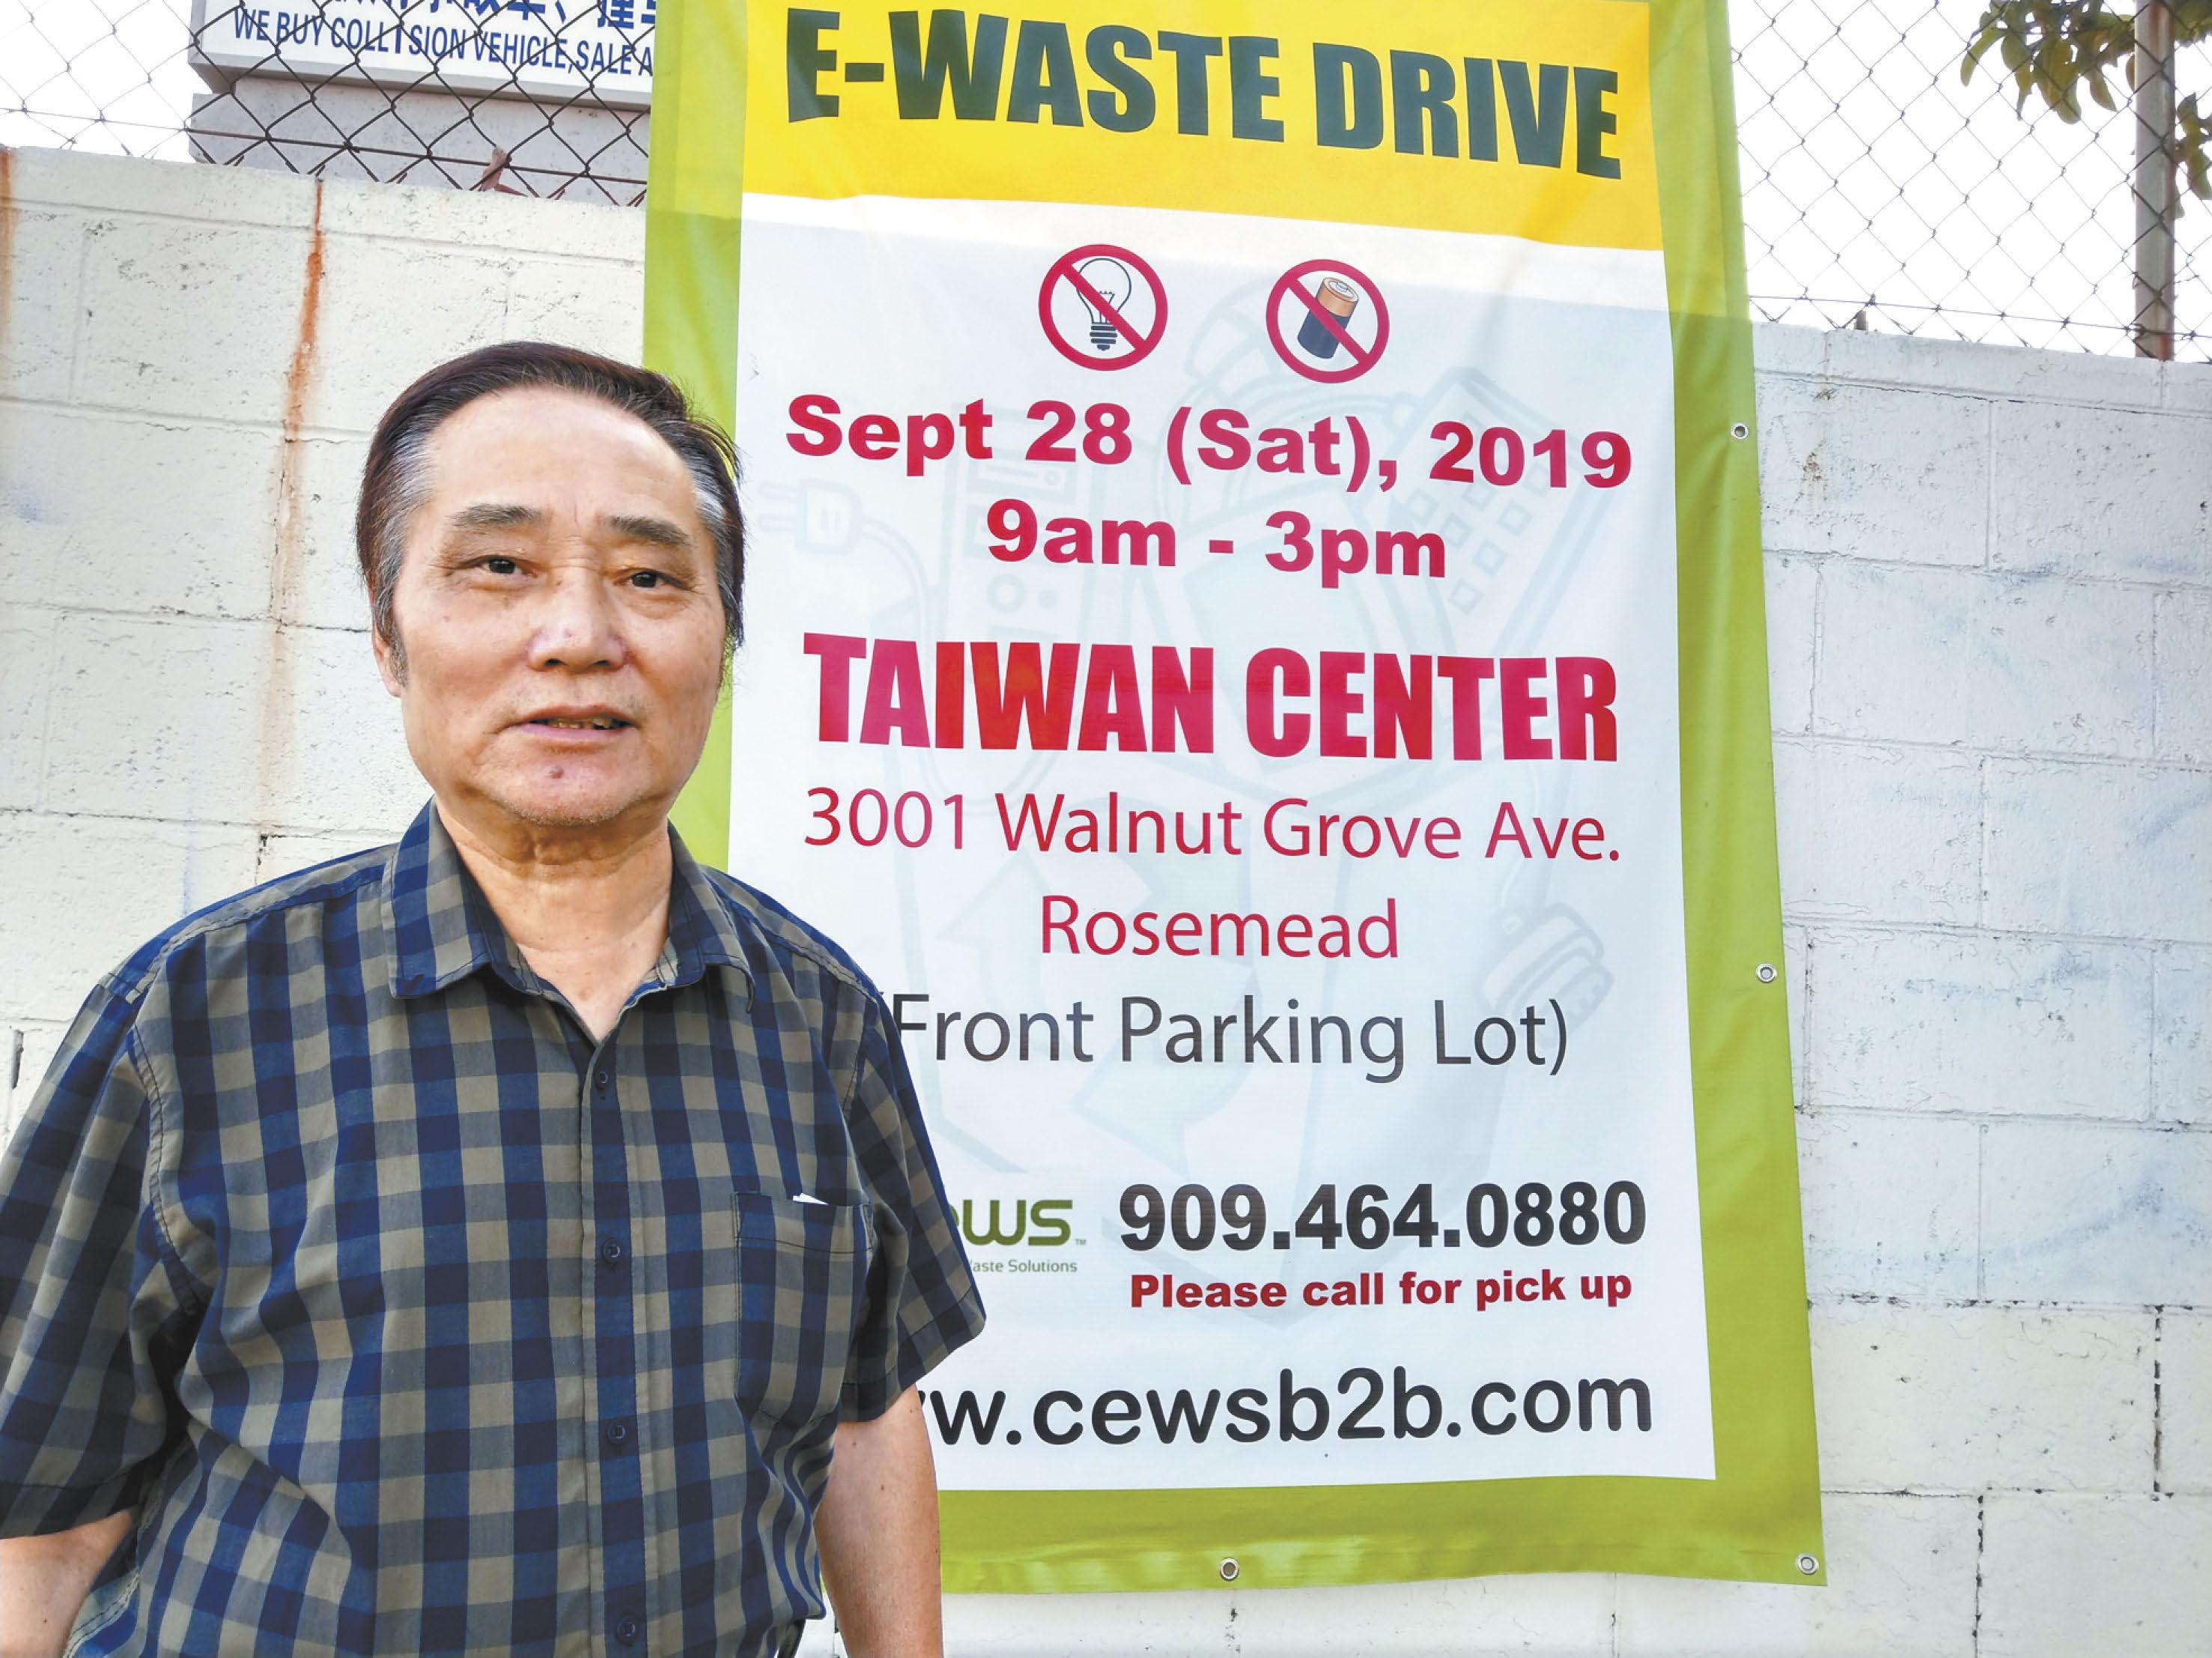 大洛杉磯台灣會館基金會的副董事長蔡漢成呼籲民眾重視環保,將電子廢料正確處理。記者楊婷攝